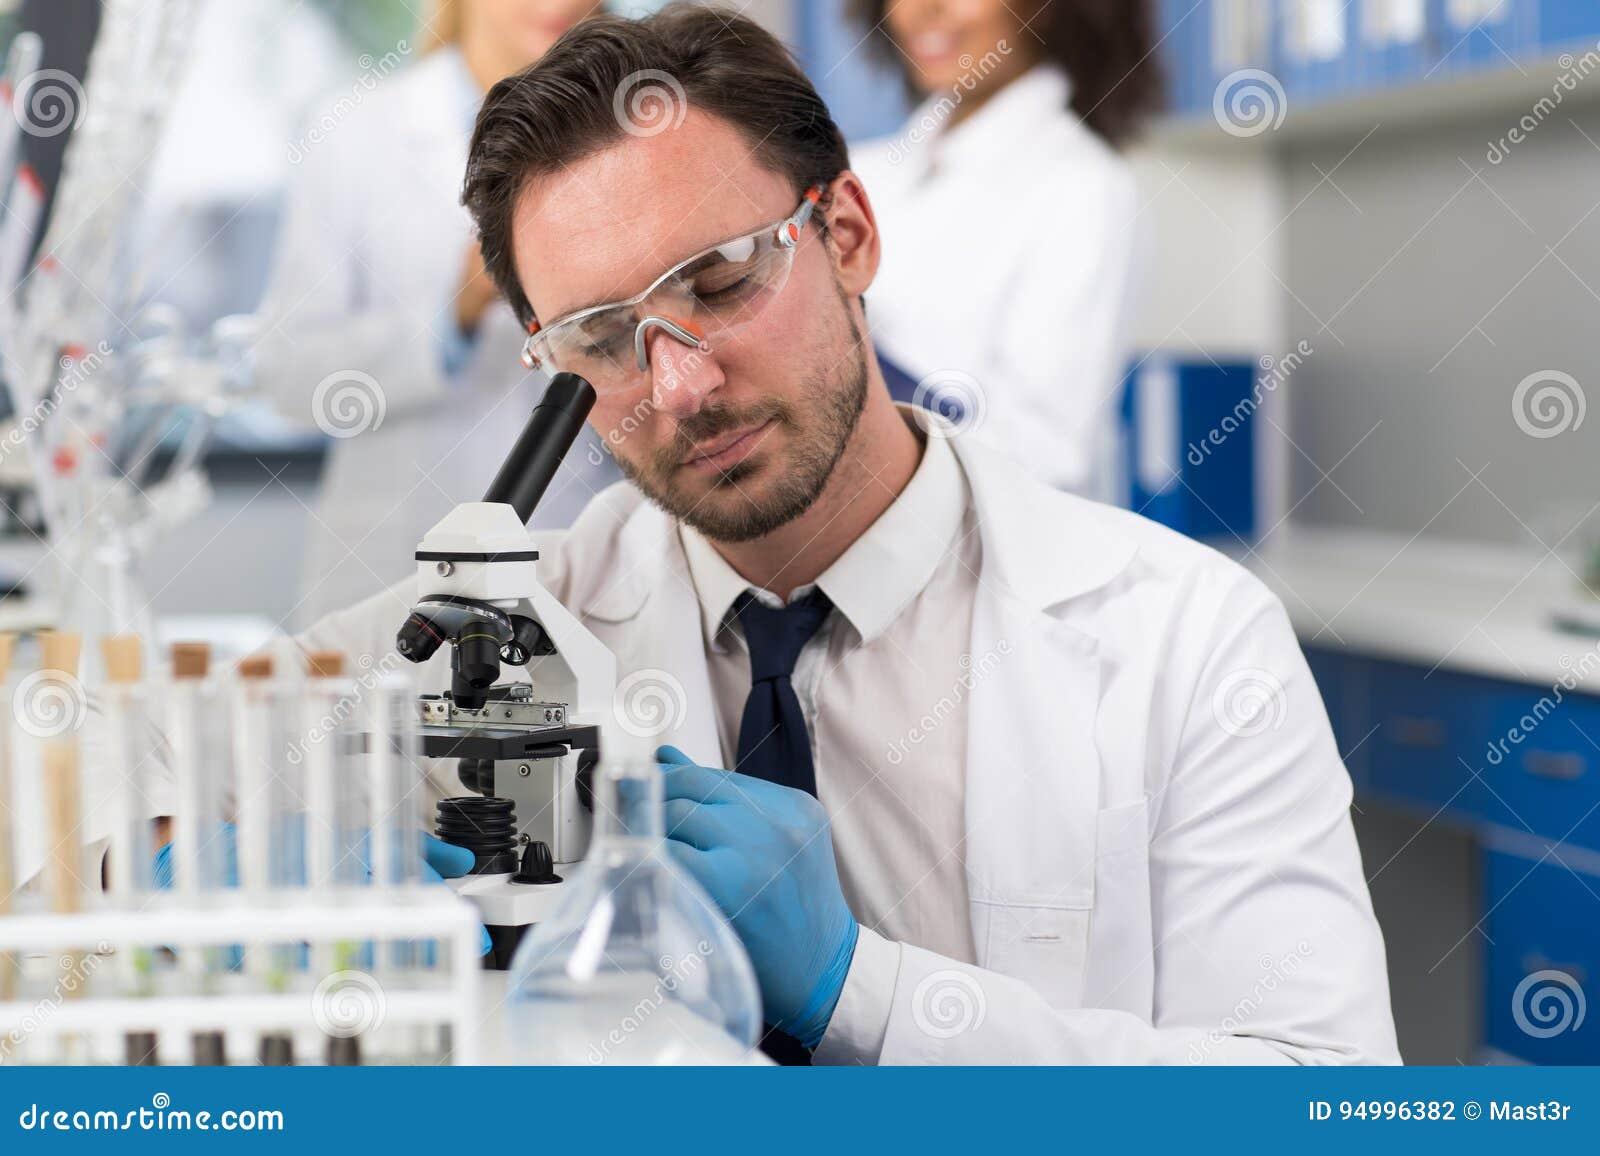 Scienziato Looking Through Microscope in laboratorio, ricercatore maschio Doing Research Experiments